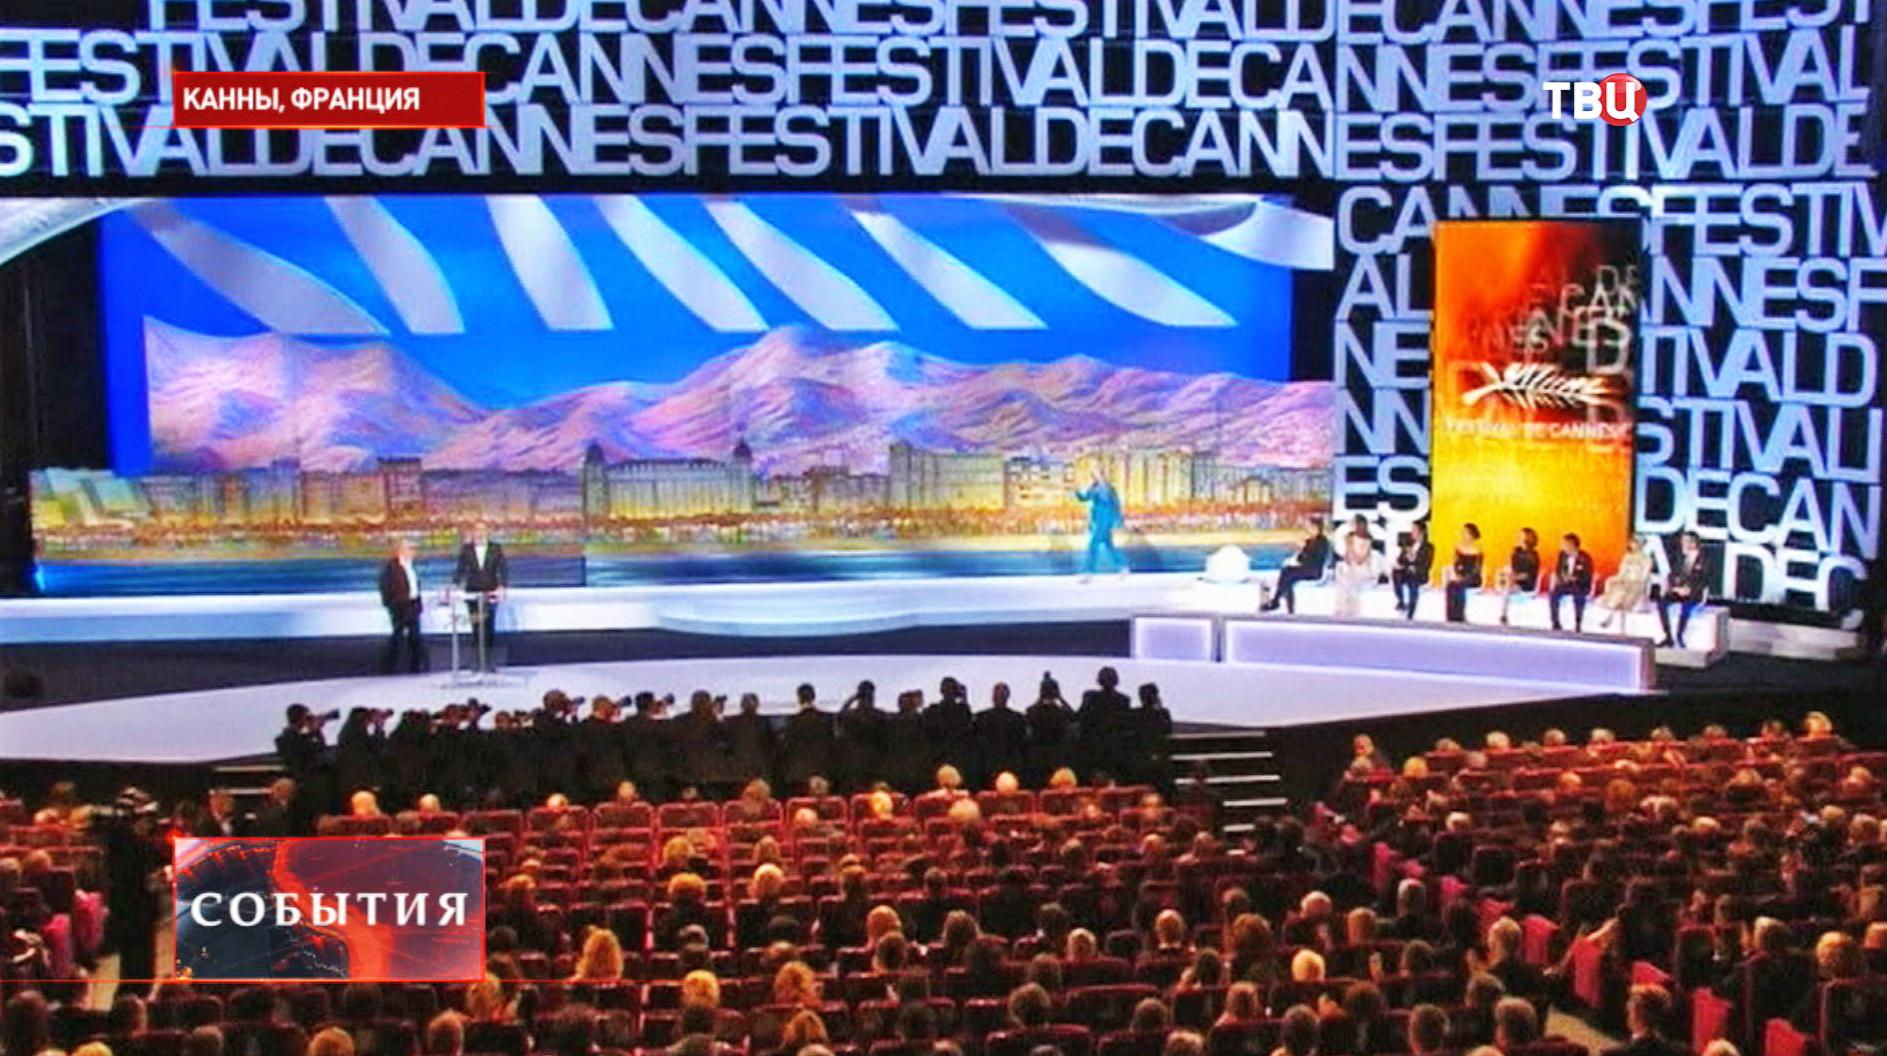 67-й международный кинофестиваль в Каннах